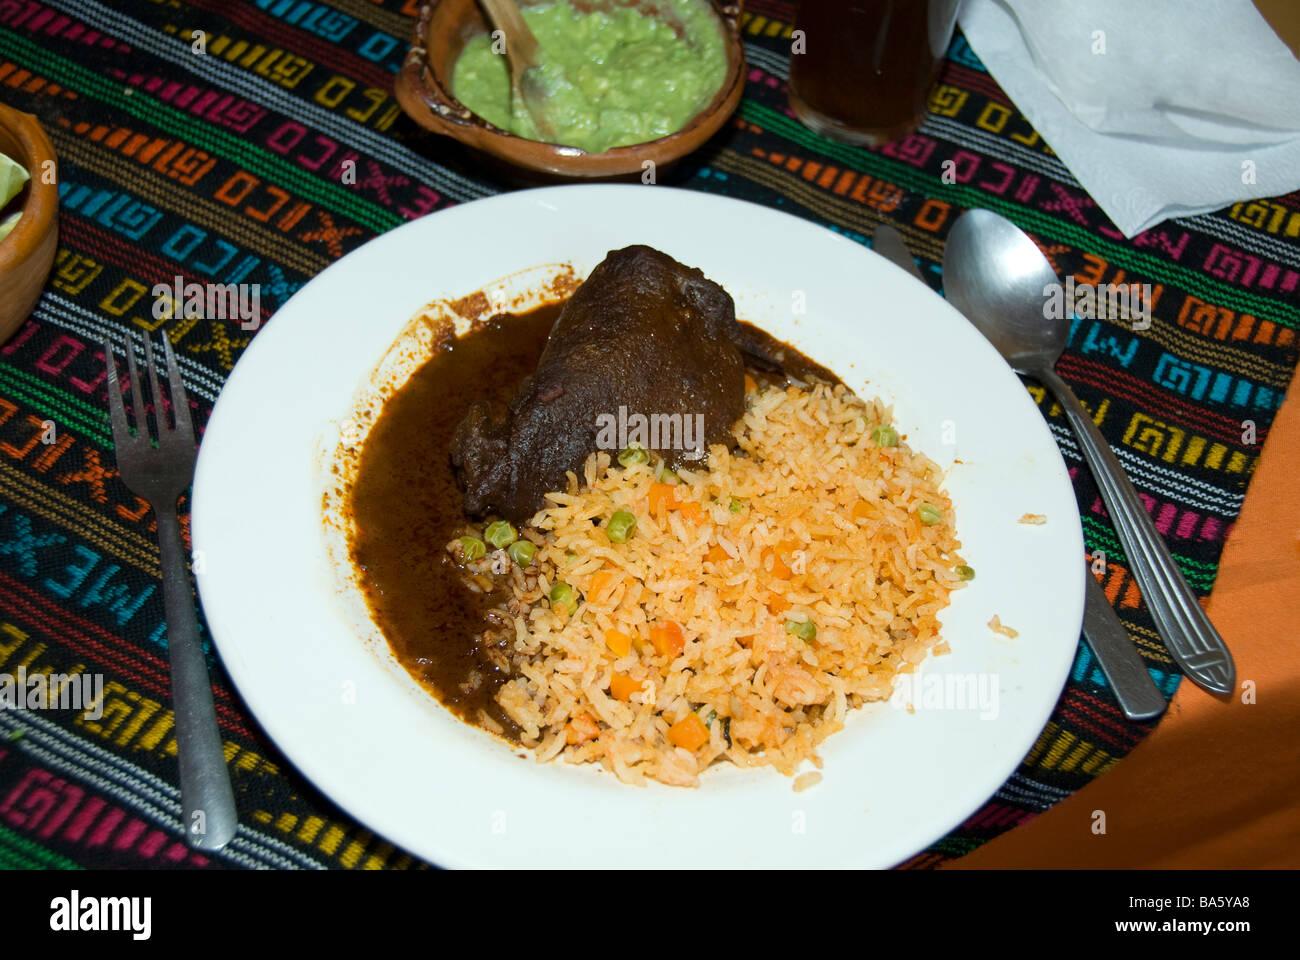 La cuisine mexicaine, la viande en sauce au chocolat Banque D'Images